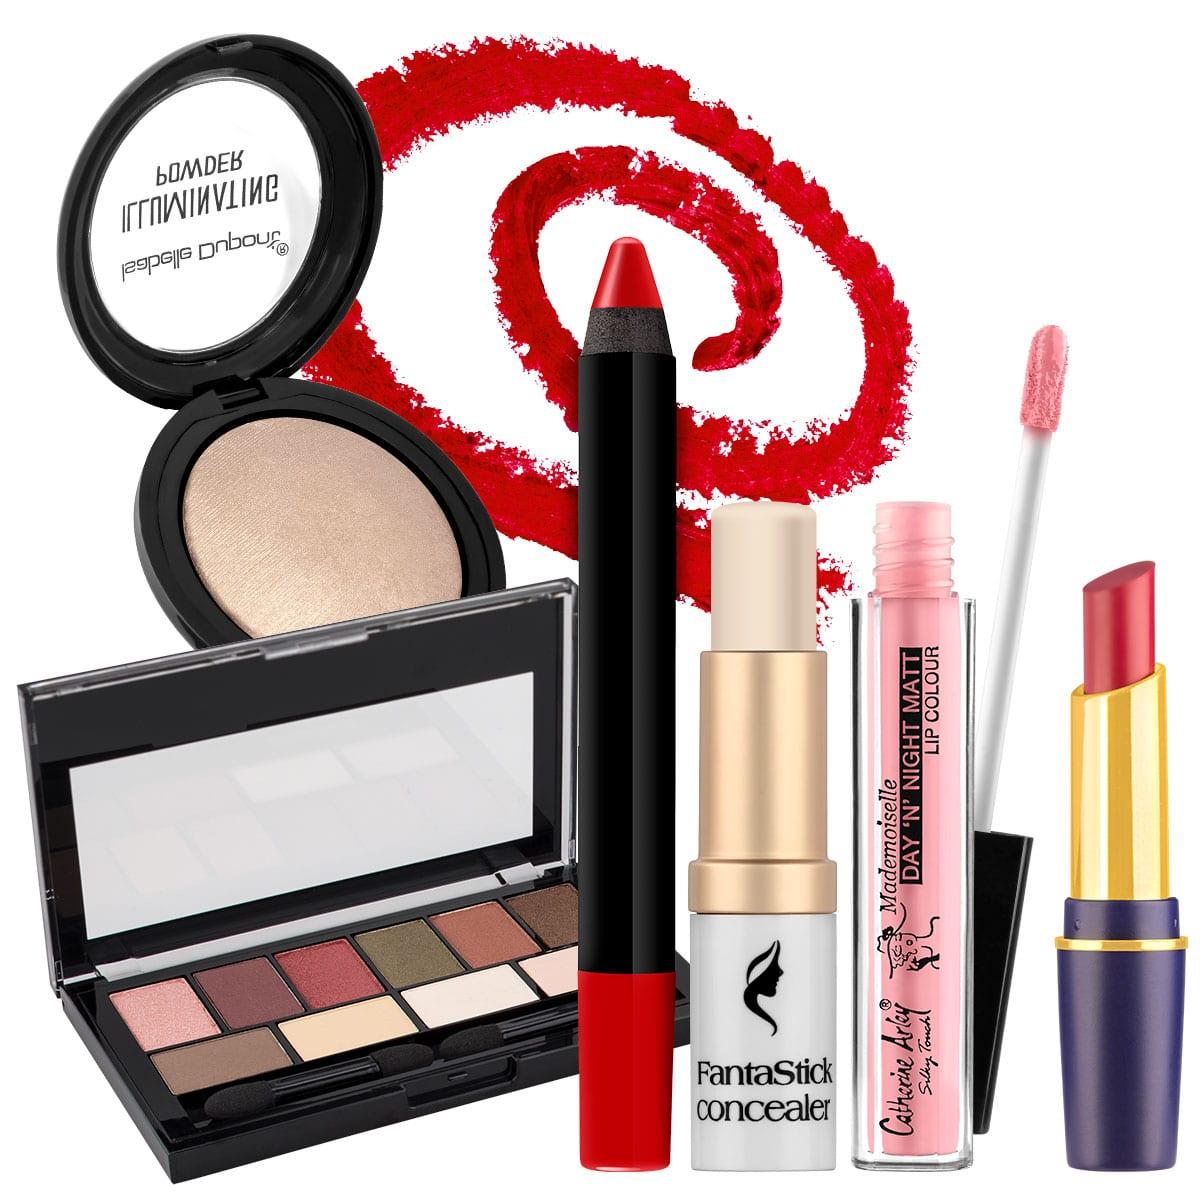 Servicii profesionale de fotografie pentru produse cosmetice și de înfrumusețare